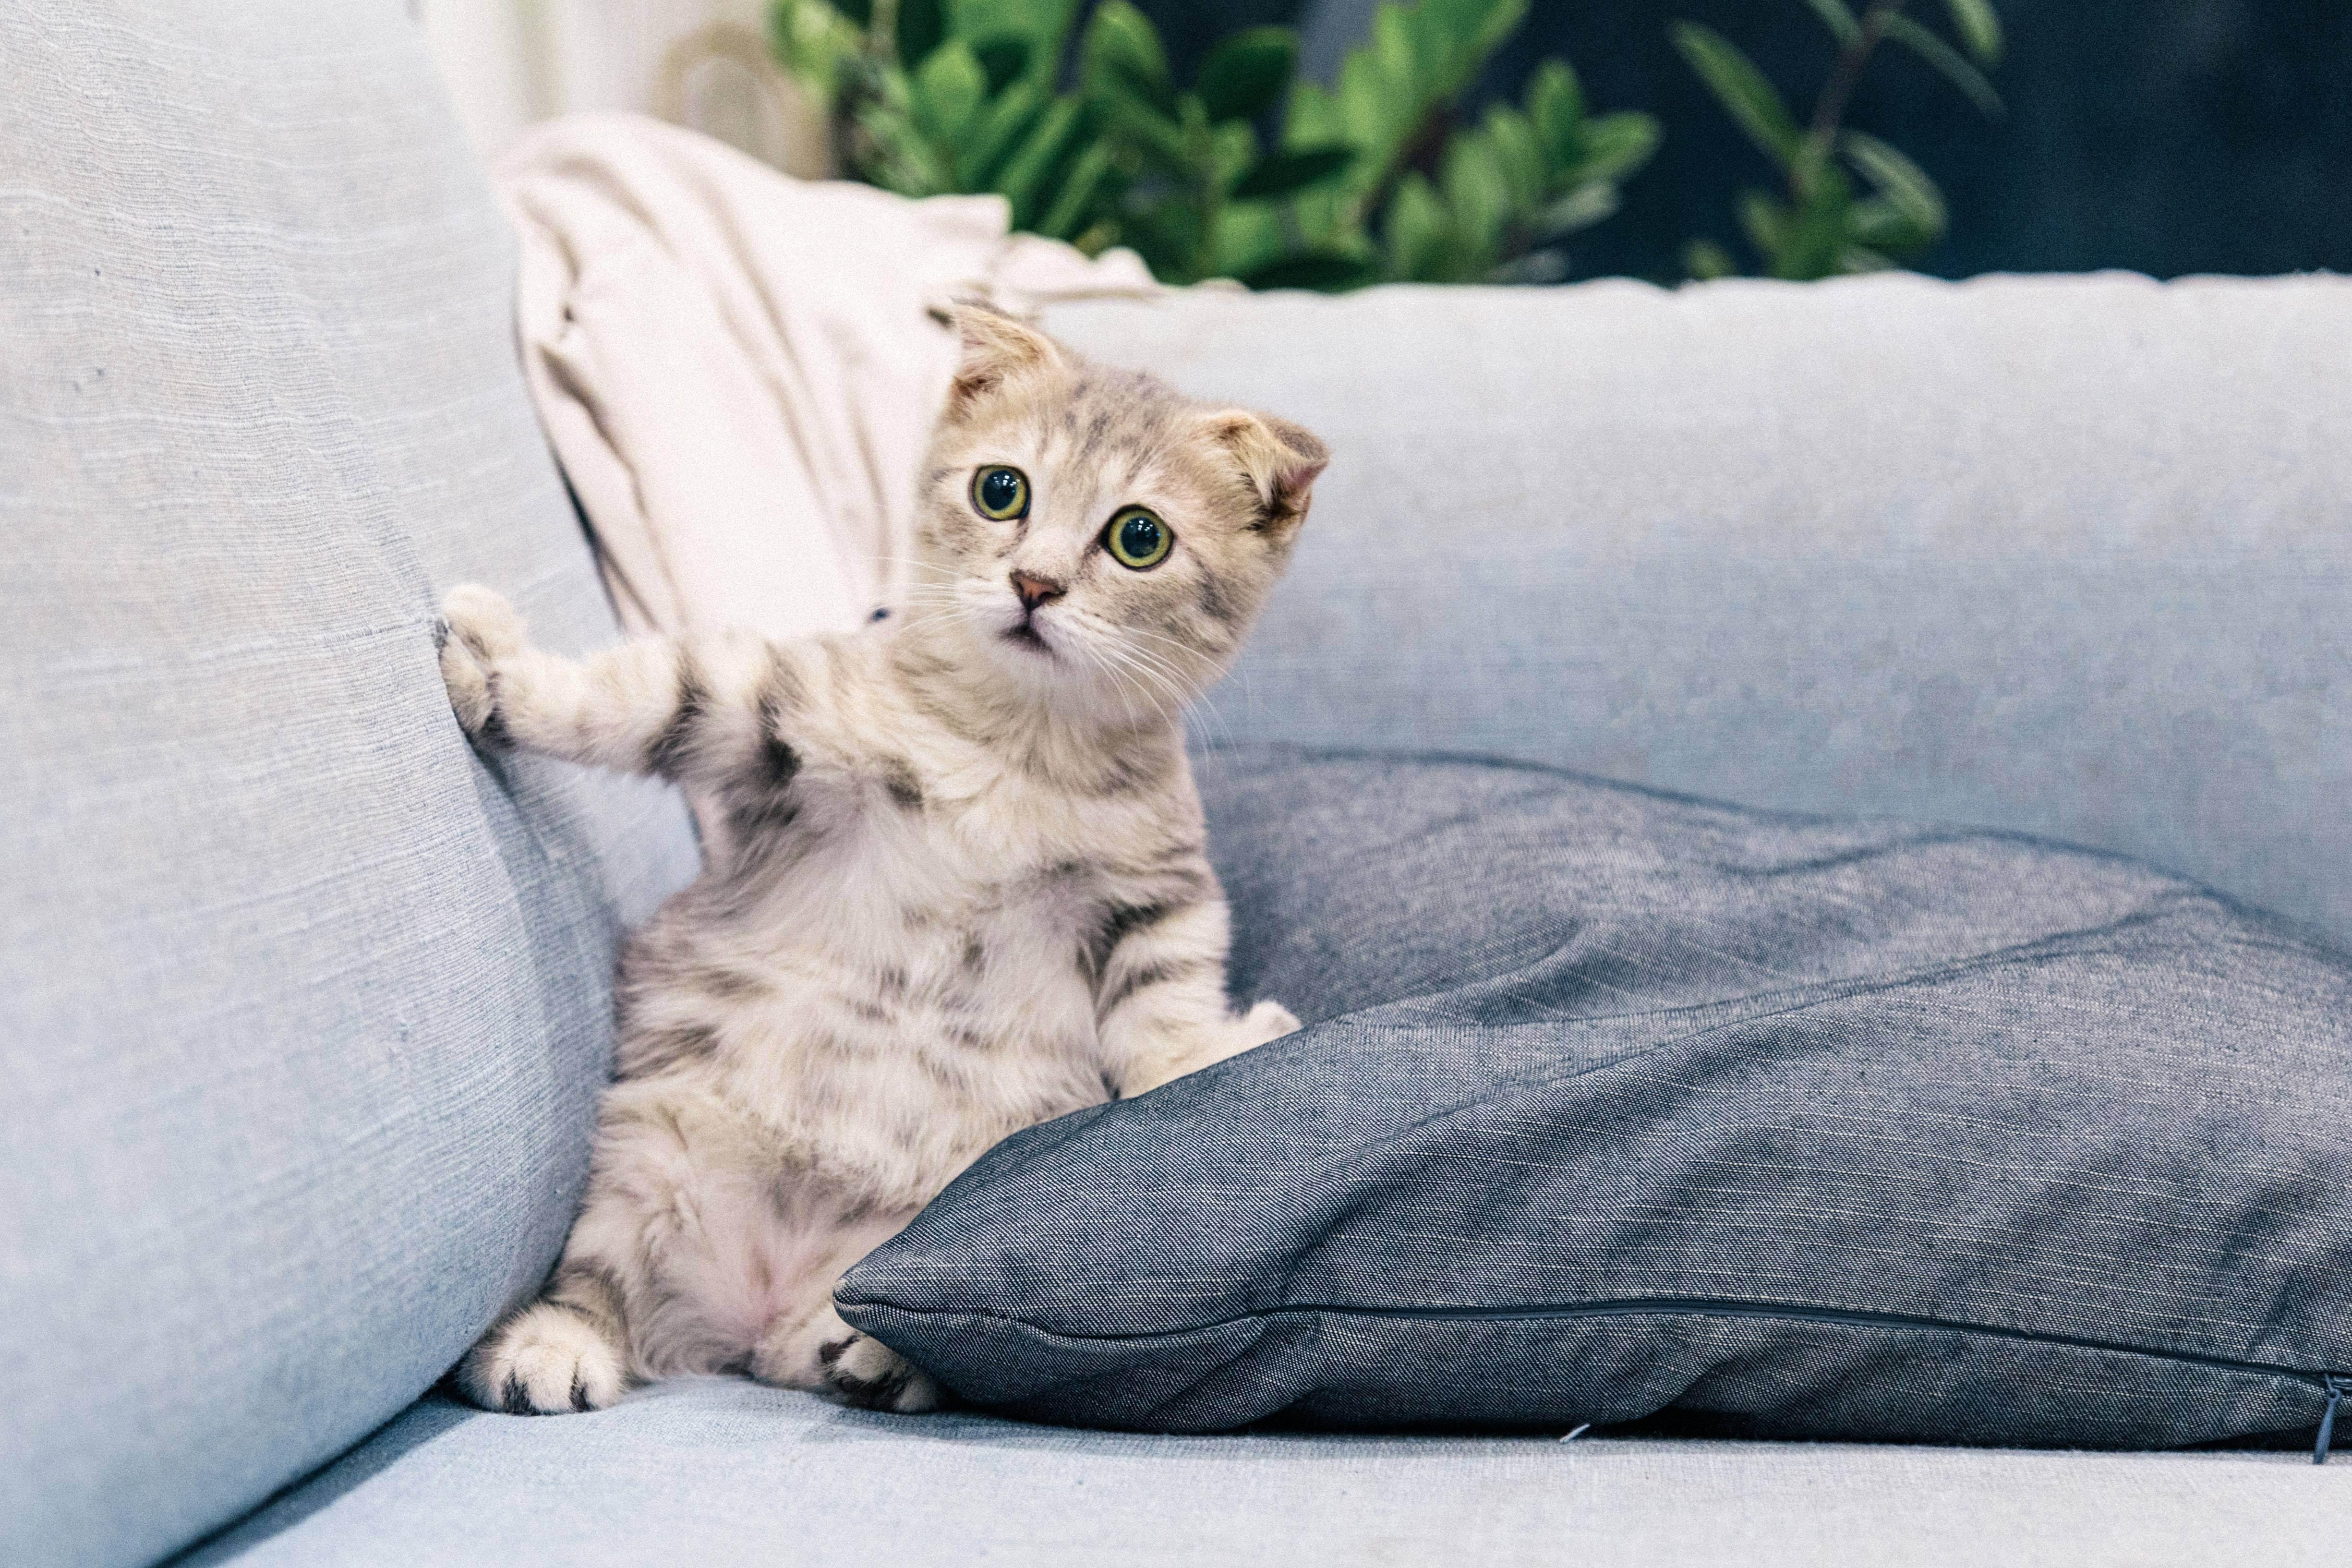 Зачем нужны кошки? в чем их польза и предназначение?